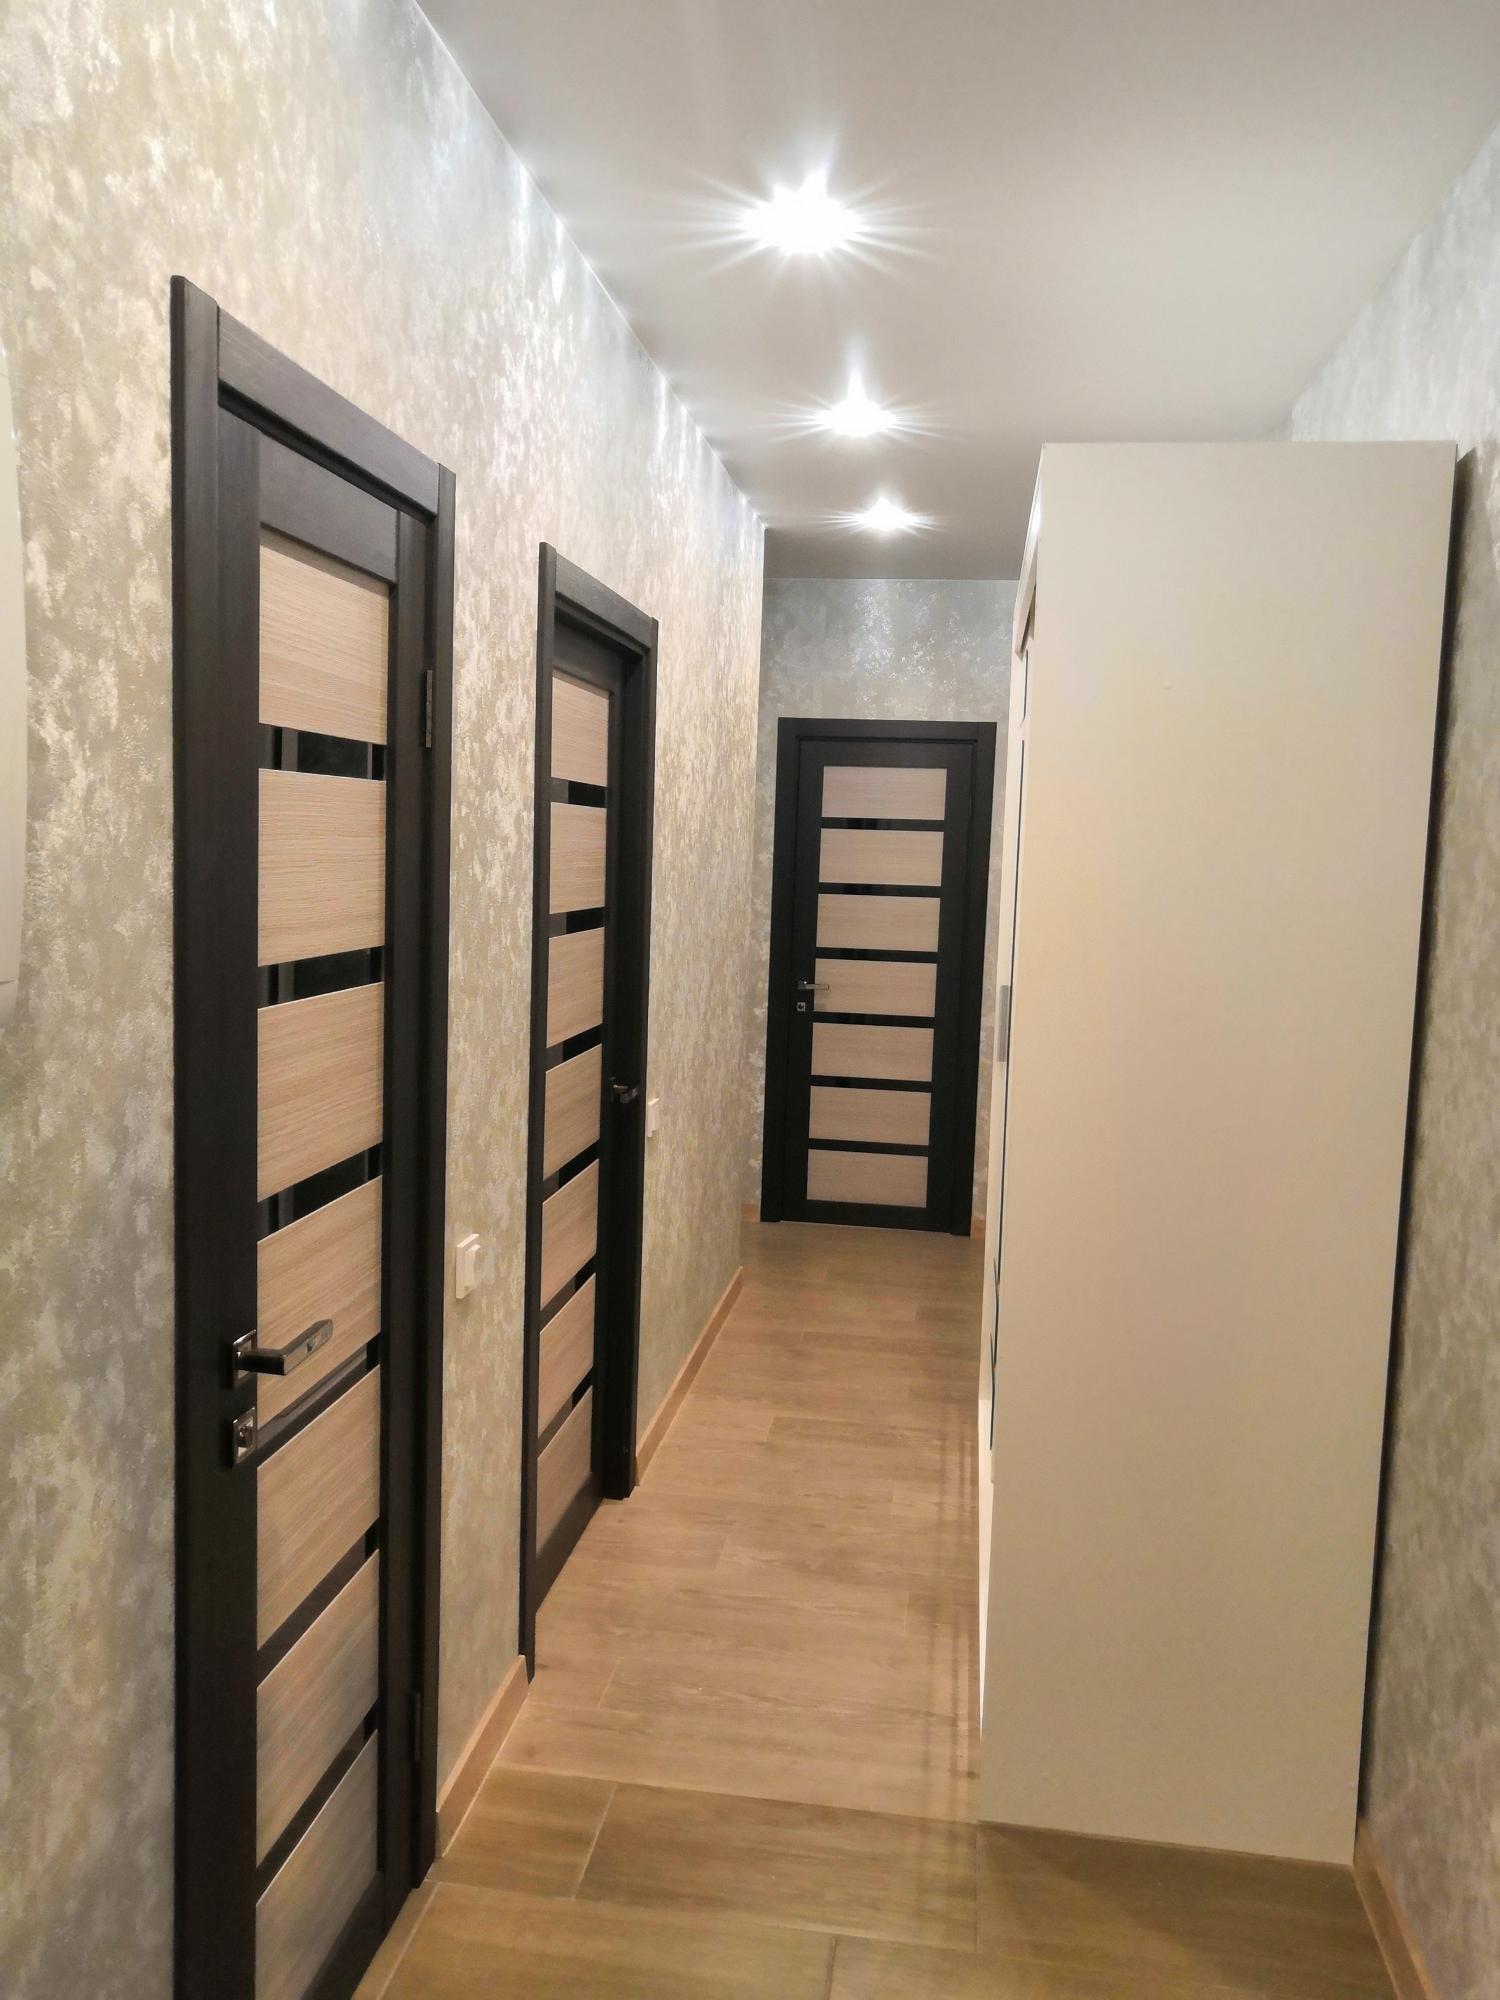 Квартира, 3 комнаты, 74 м² в Щербинке 89990025182 купить 9